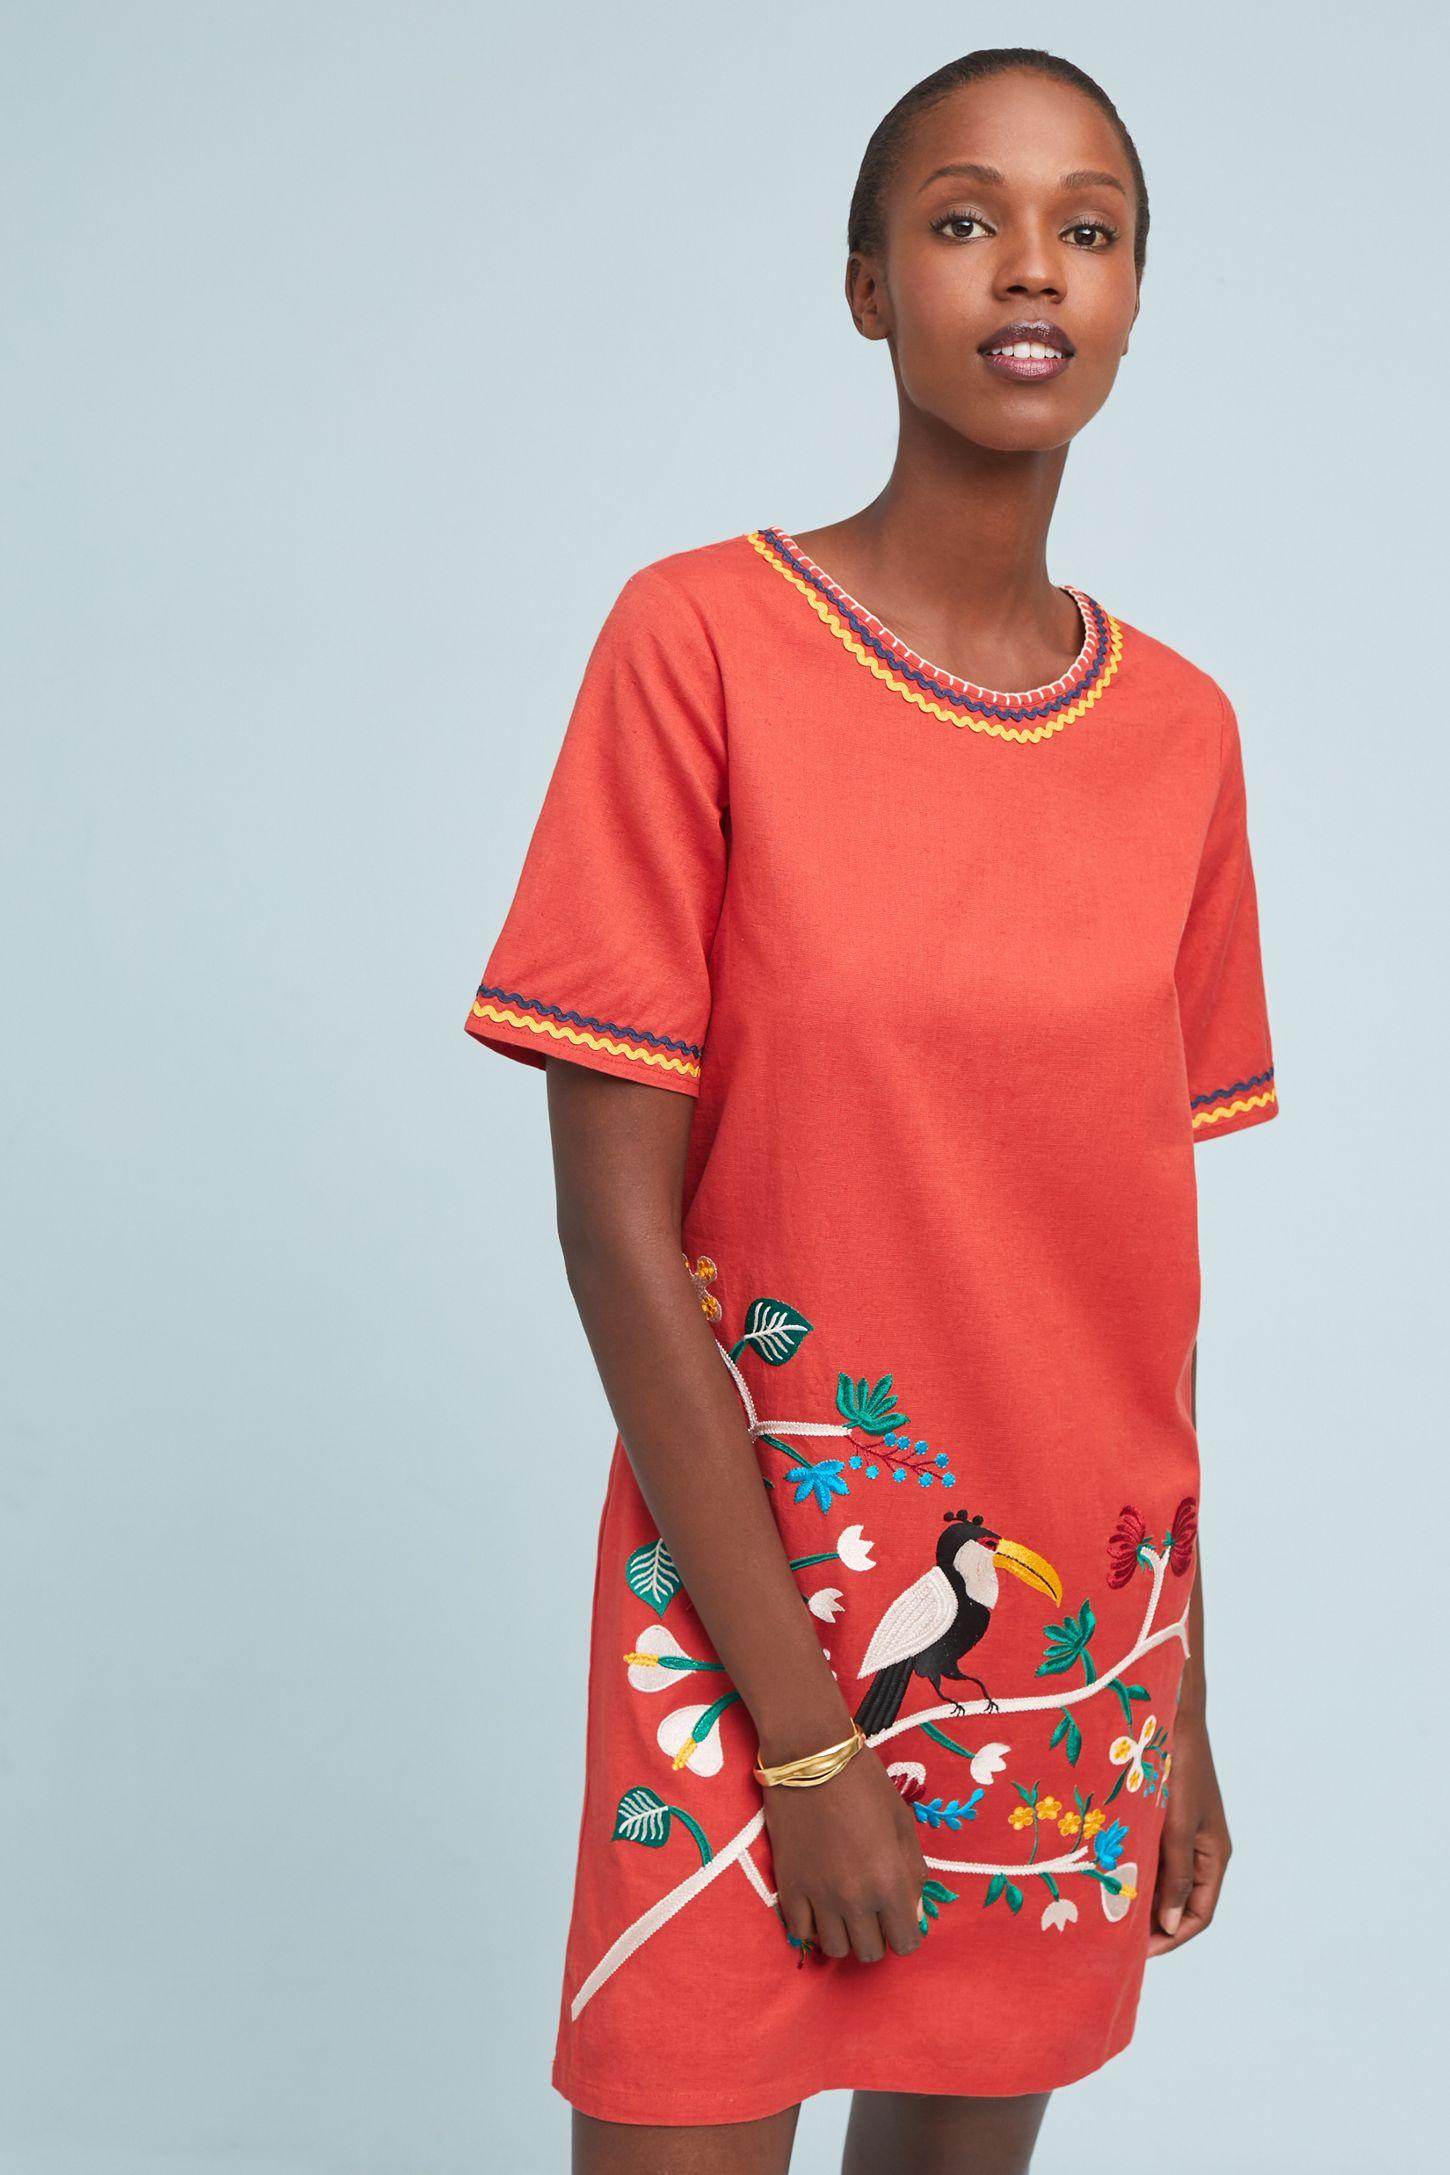 b46ede1e9fad Corey Lynn Calter Toucan Embroidered Dress